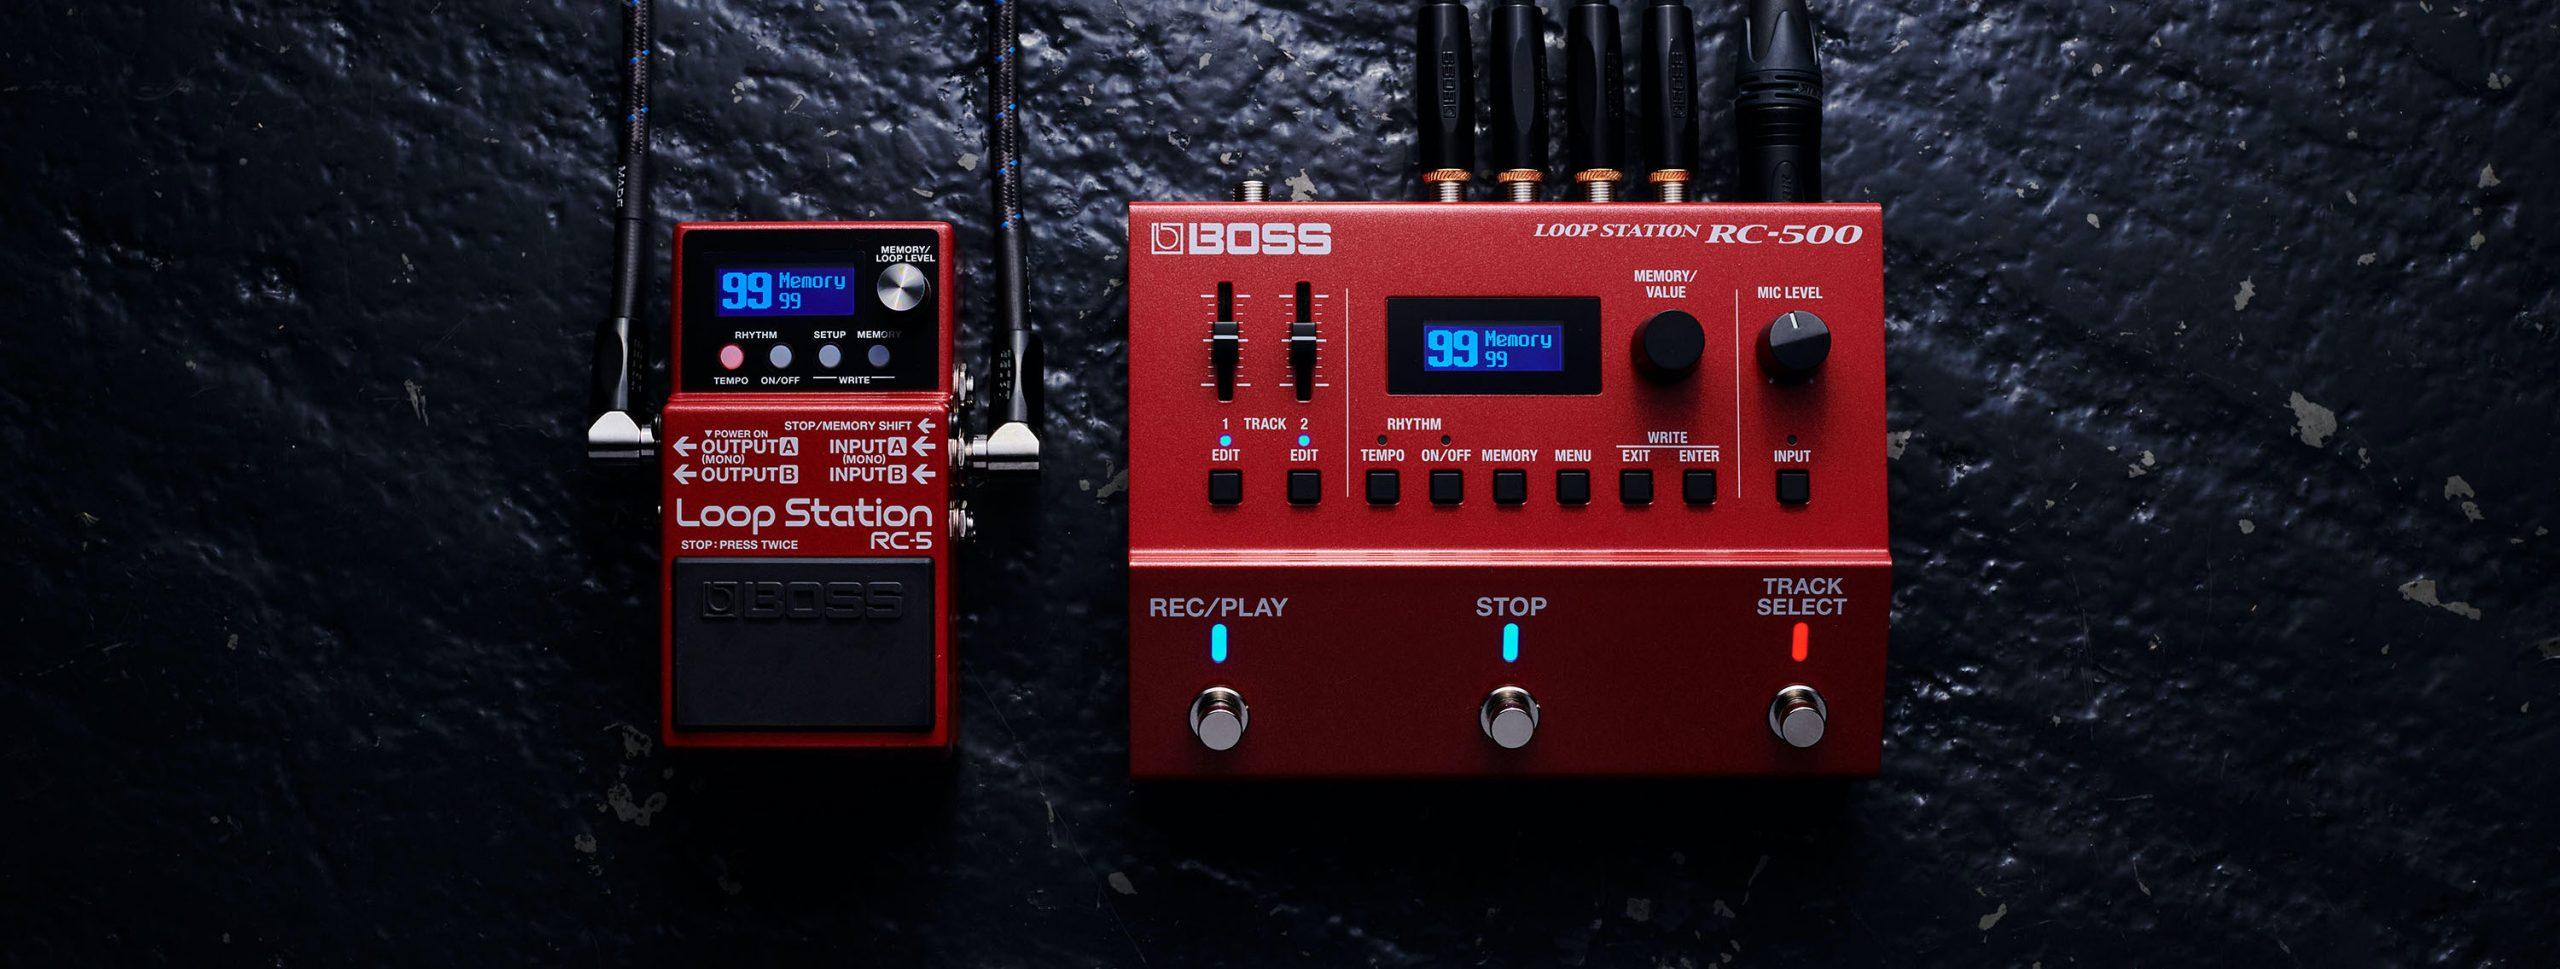 BOSS RC-5 y RC-500